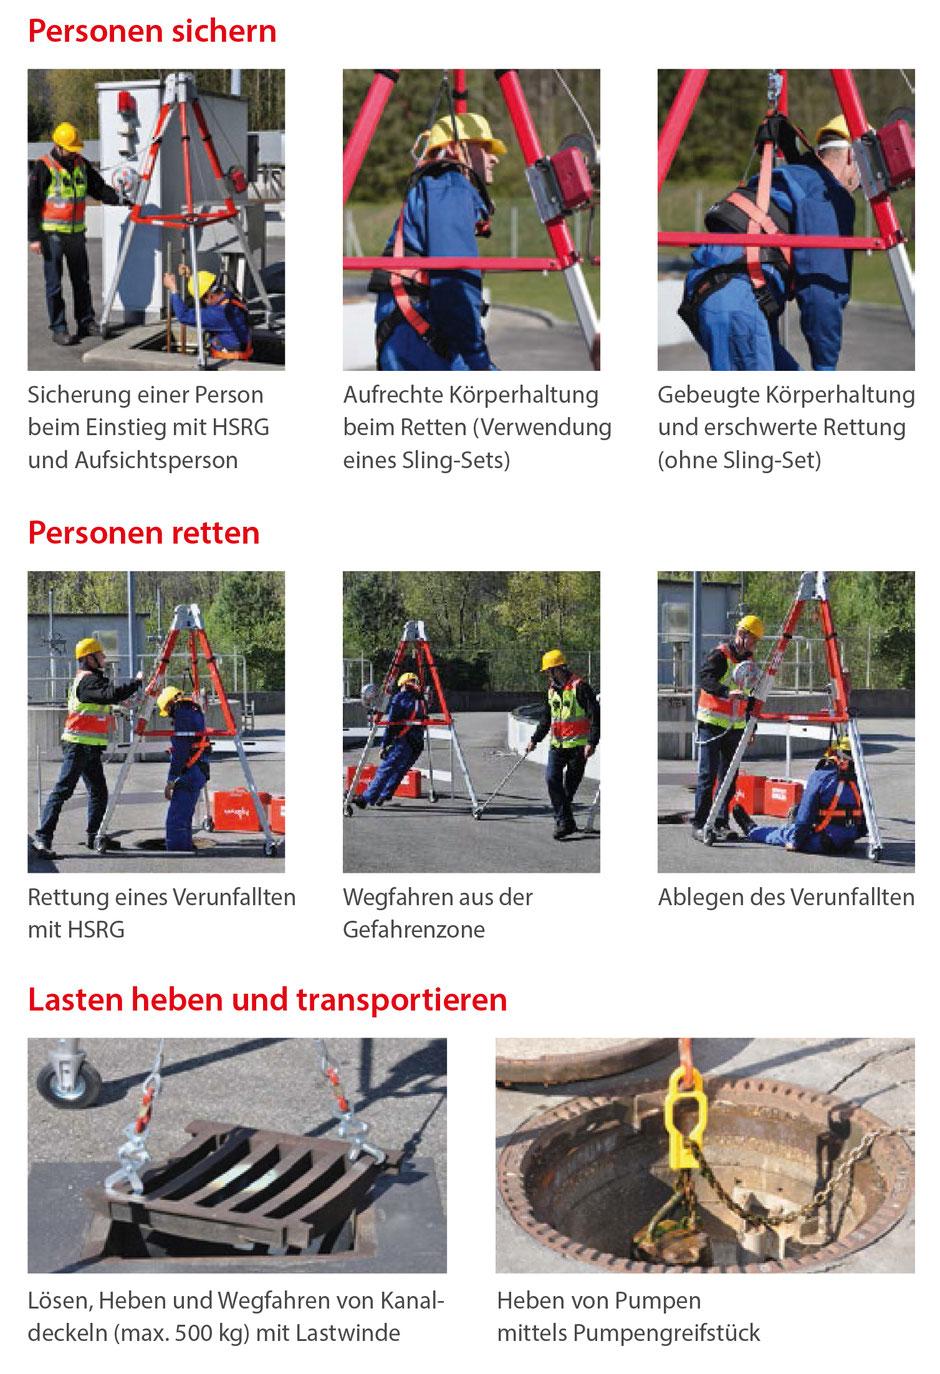 KEBI Dreibein zum Personen sichern, Personen retten und Lasten heben und transportieren